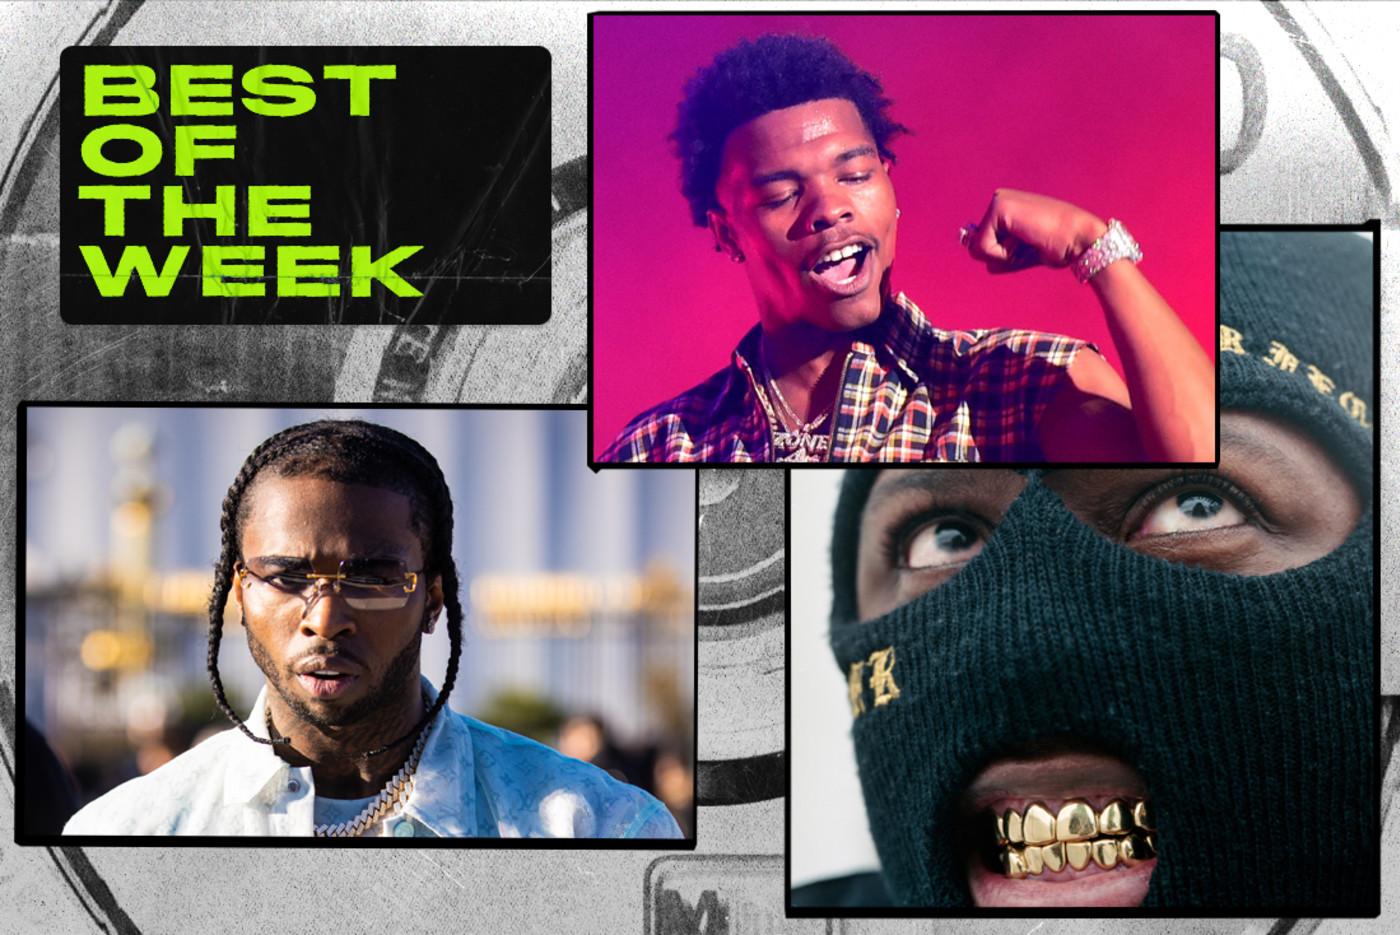 complex-best-new-music-pop-smoke-rmr